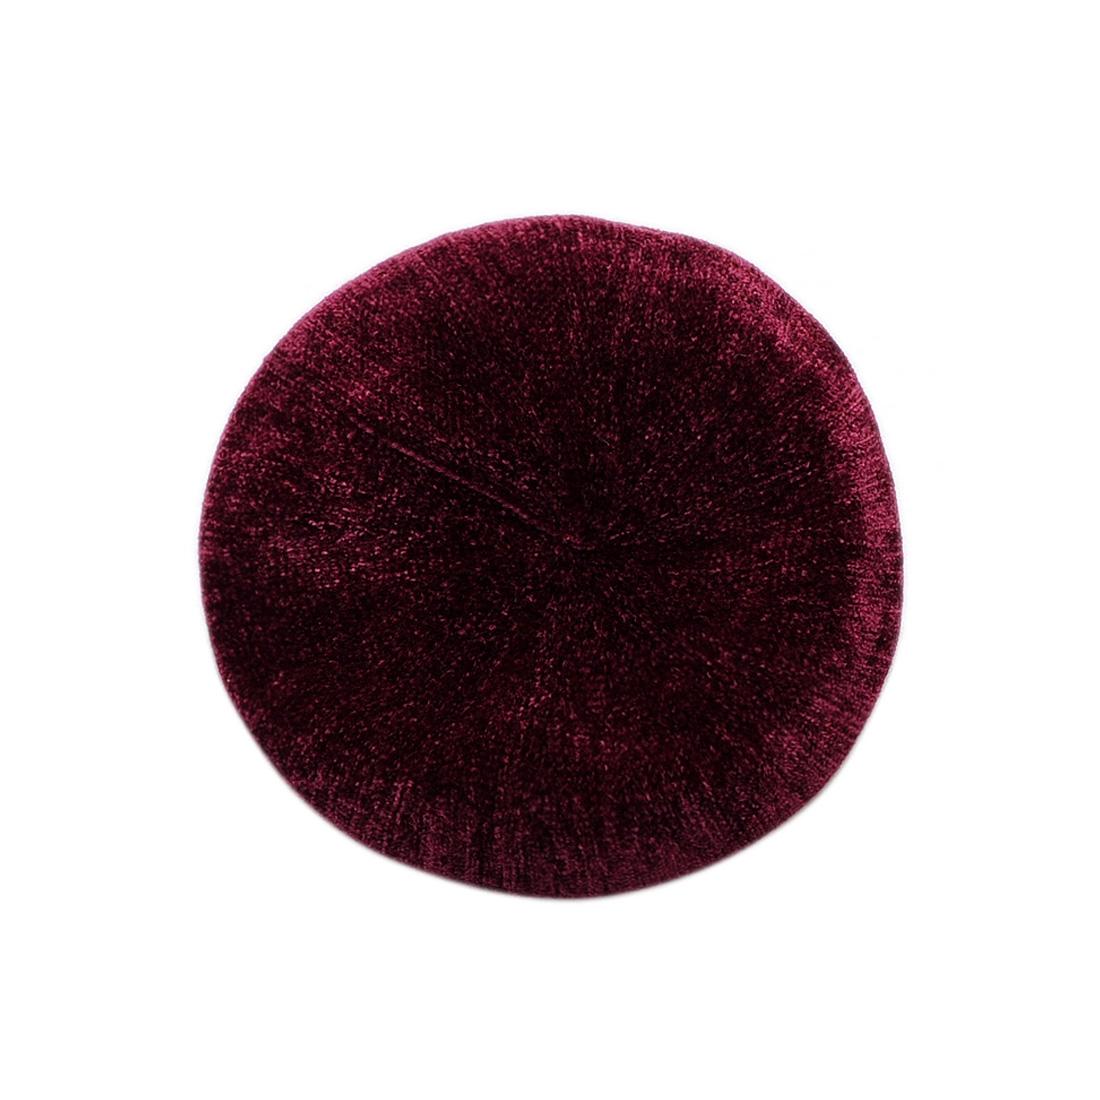 Mũ nồi len thời trang cao cấp màu đỏ đô EH44-6